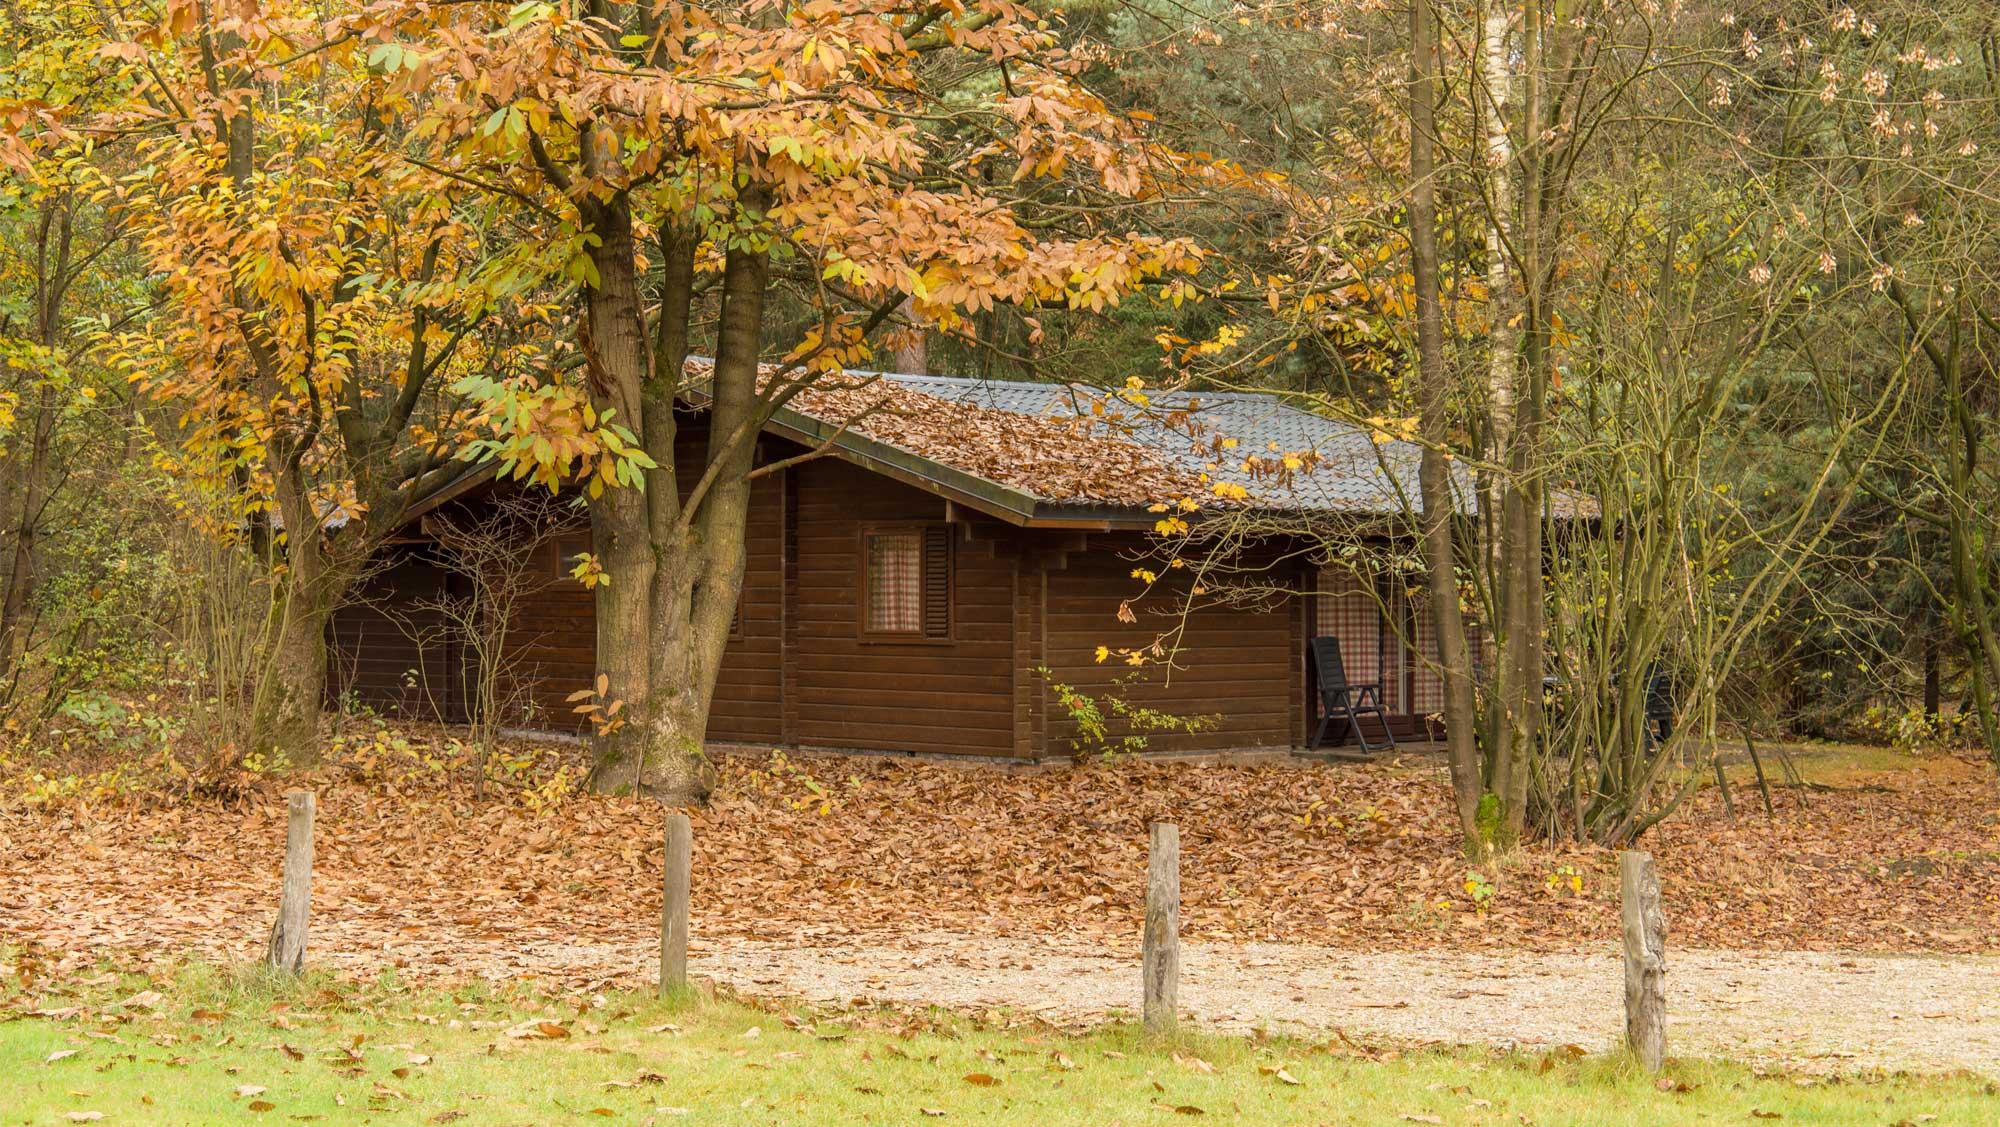 6pers bungalow Finse Molecaten Park Landgoed Ginkelduin 13 najaar herfst